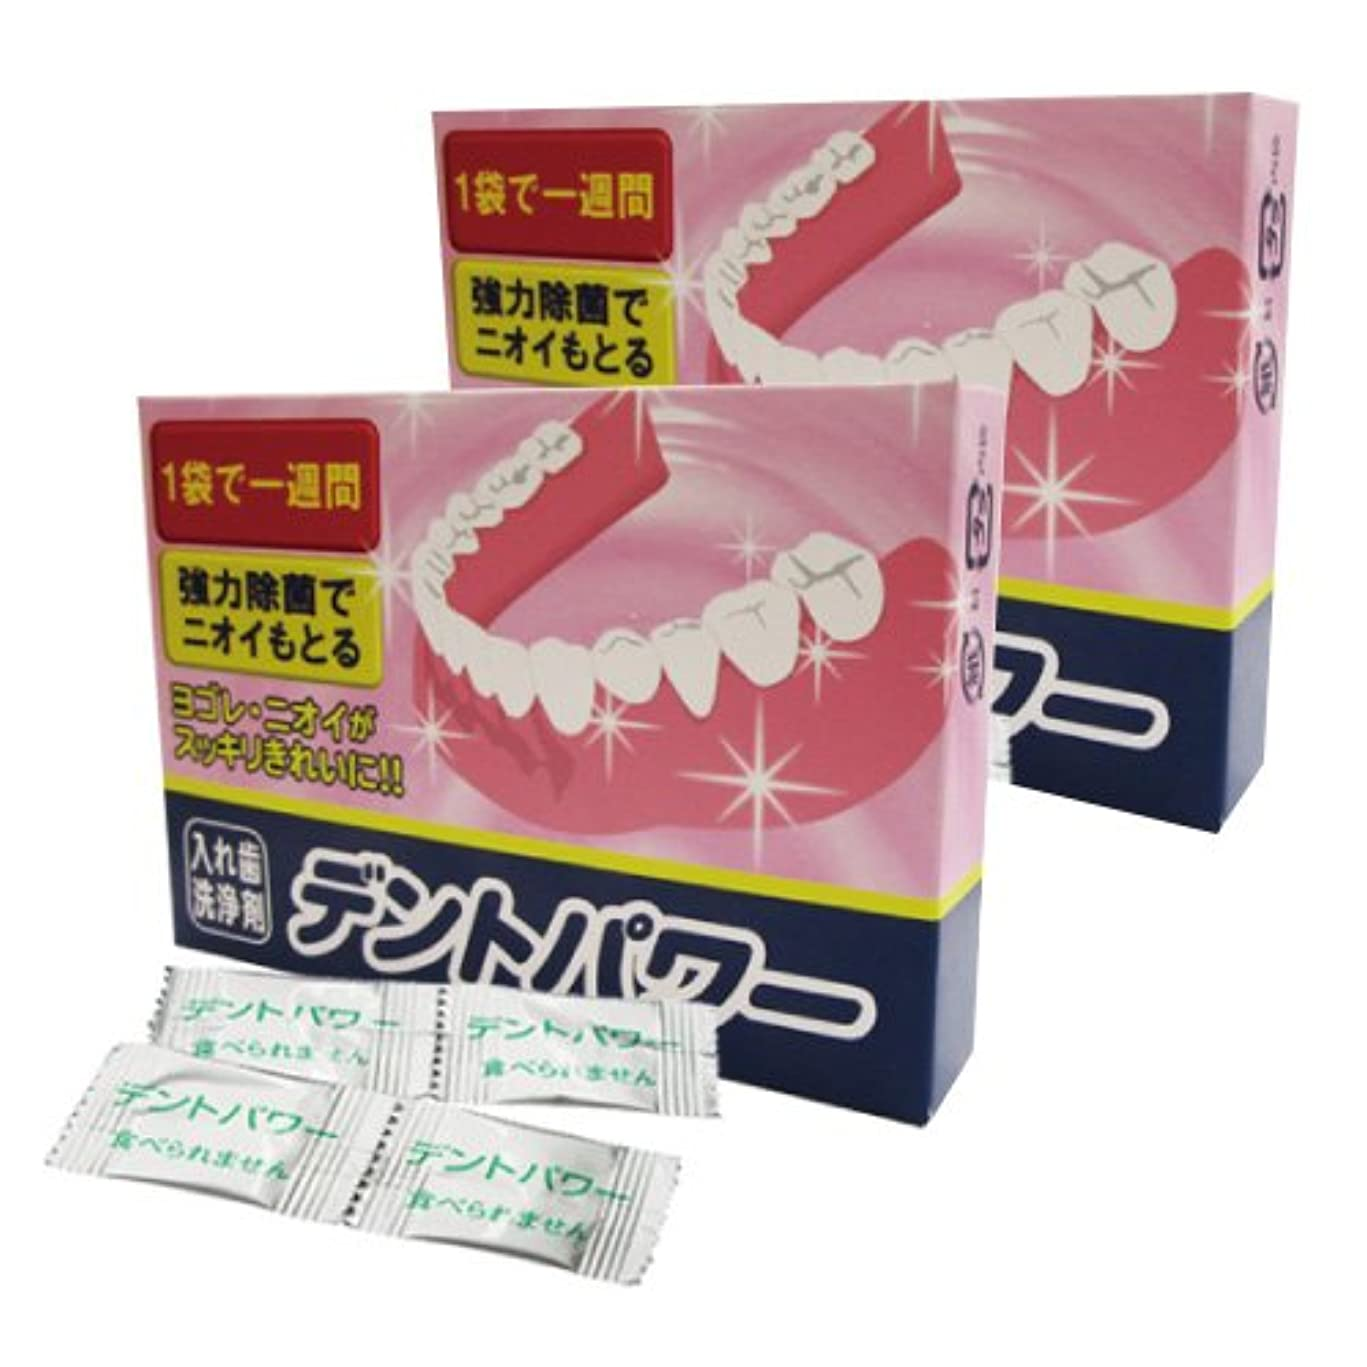 紳士気取りの、きざなささやきするだろうデントパワー 入れ歯洗浄剤 5ヵ月用x2個セット